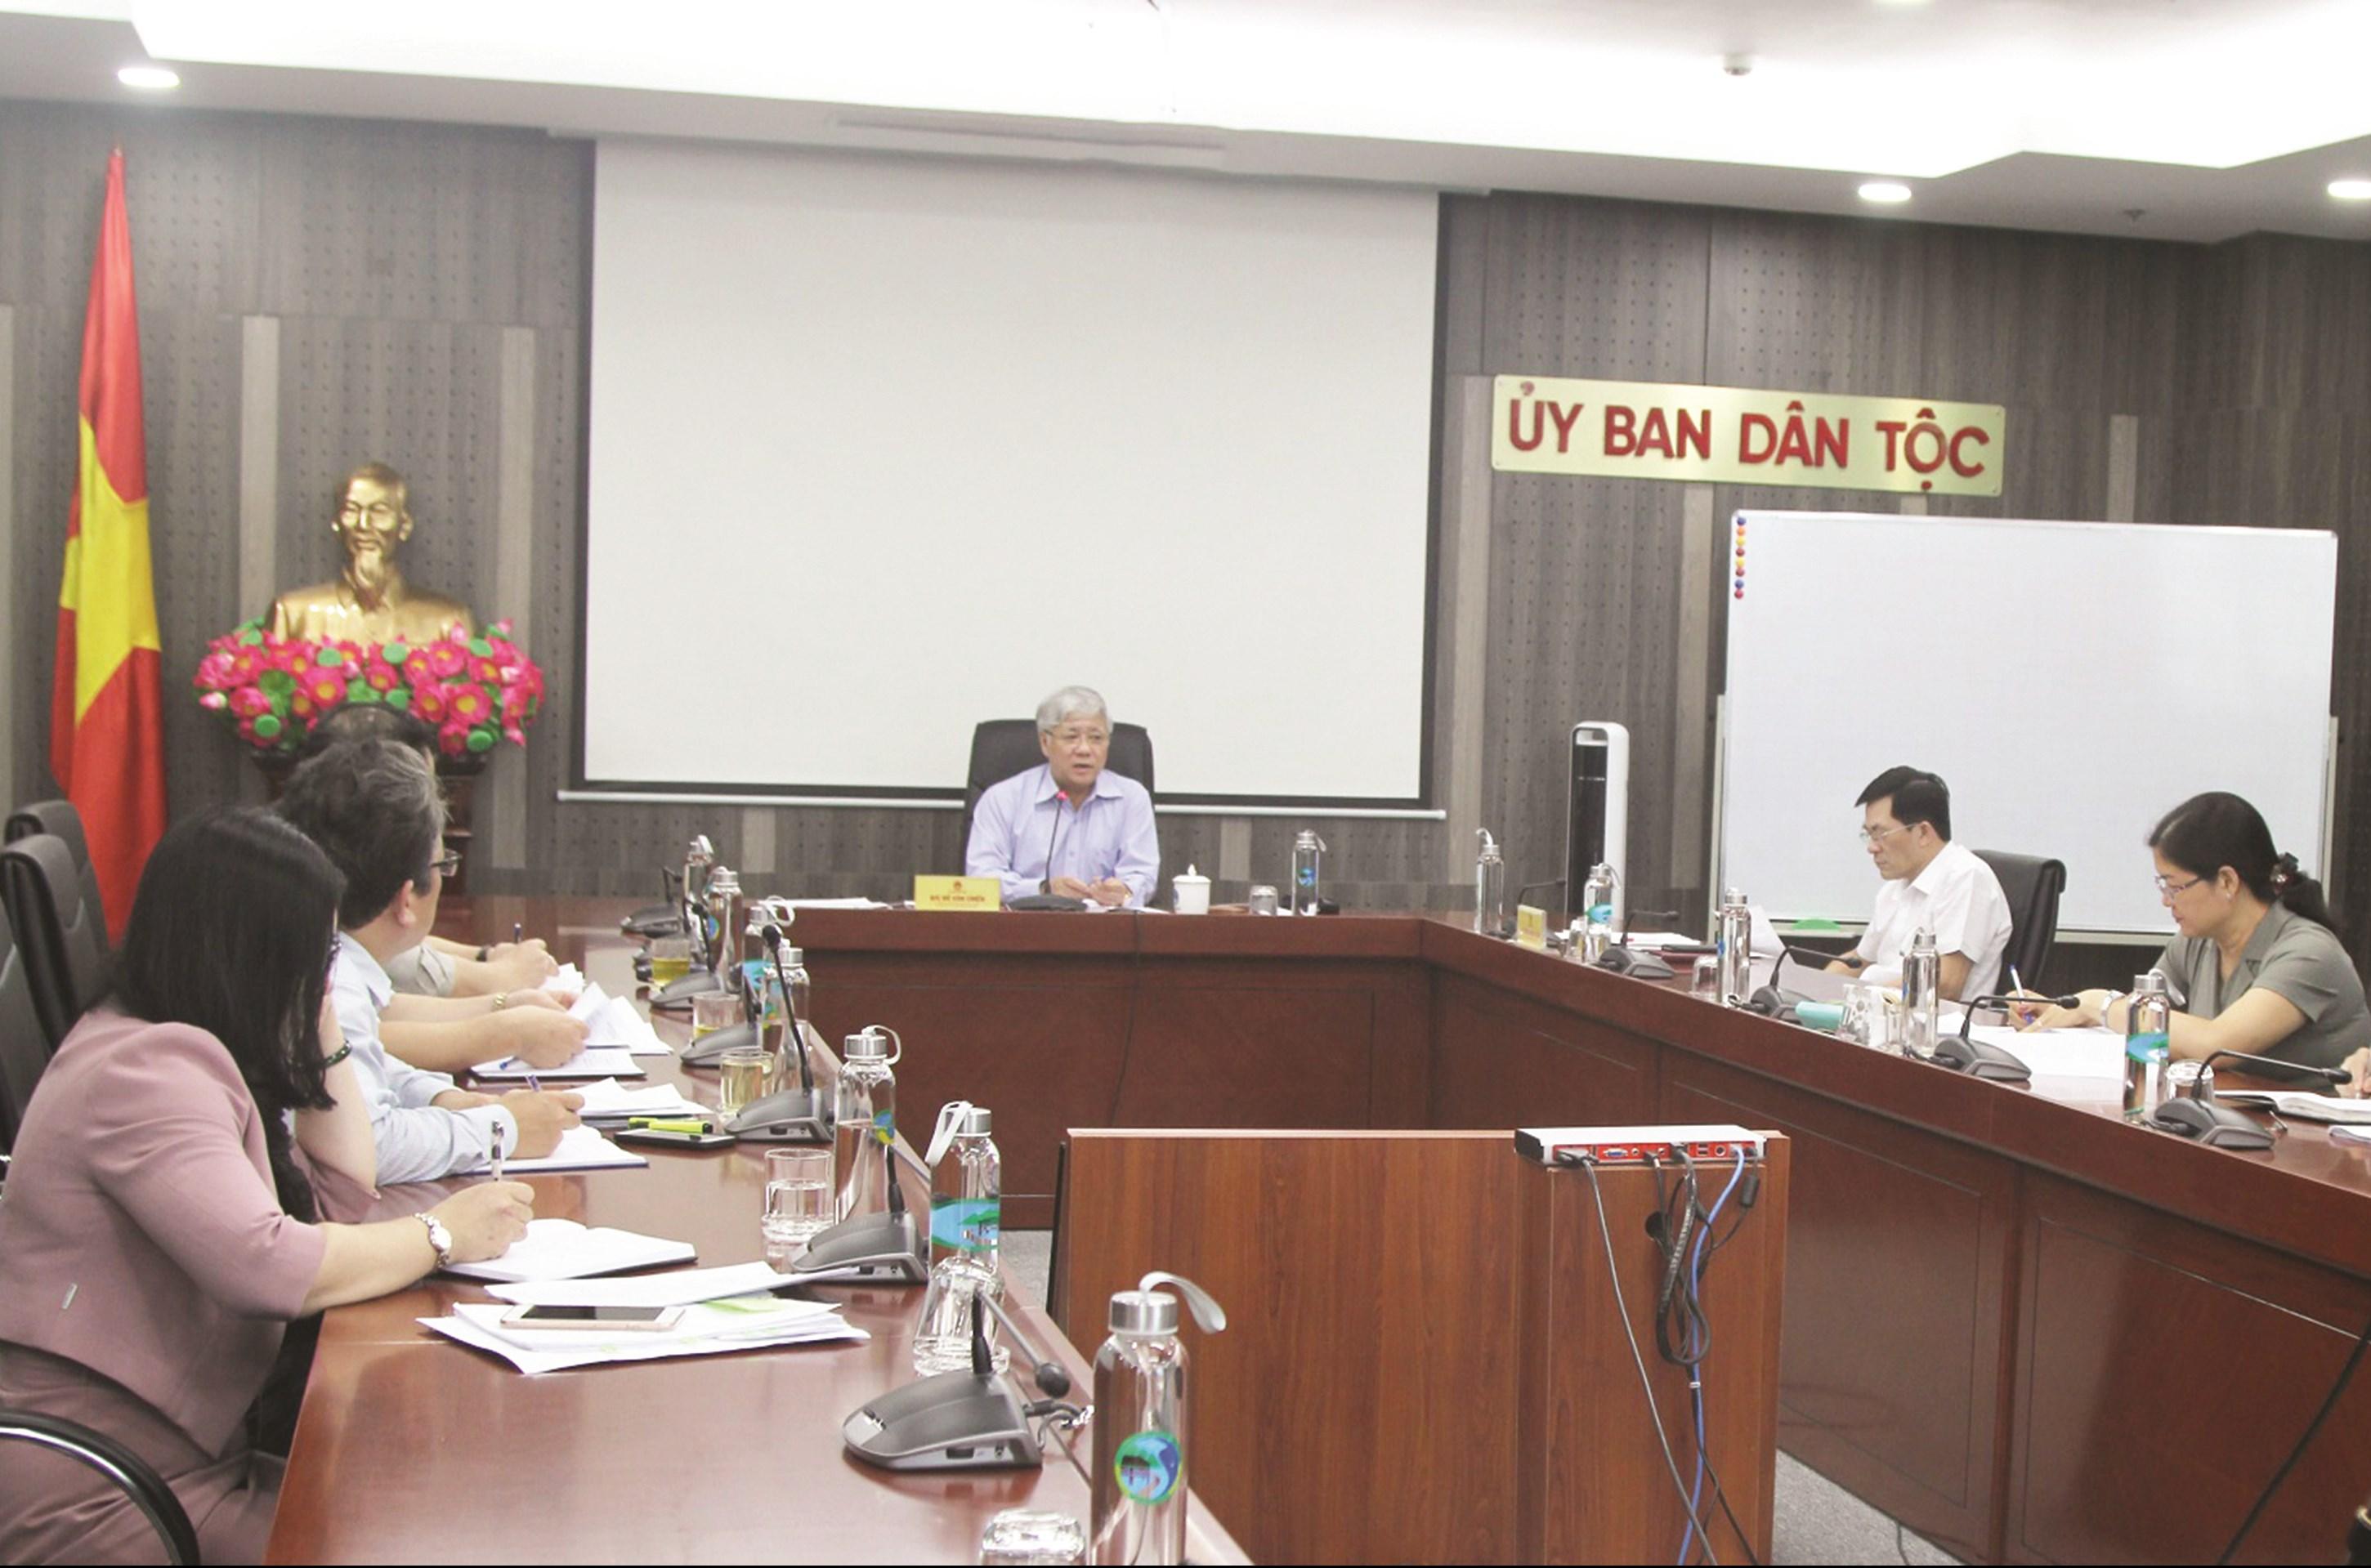 Bộ trưởng, Chủ nhiệm UBDT Đỗ Văn Chiến chủ trì buổi họp